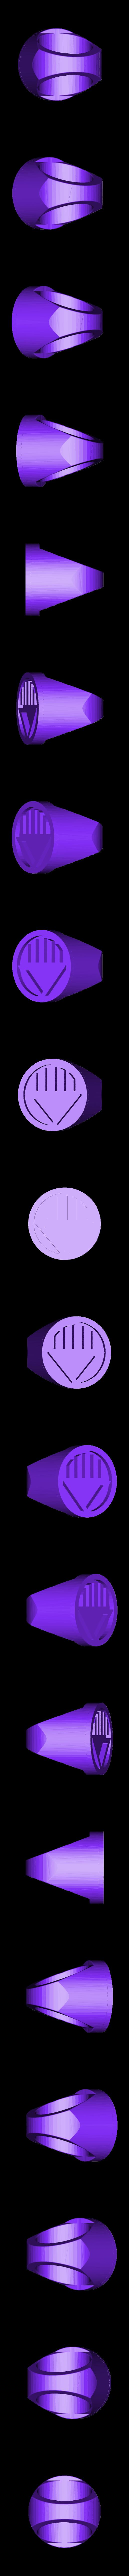 GREY_-_lantern_ring.STL Download free STL file Lantern corps rings • 3D printer design, Clenarone